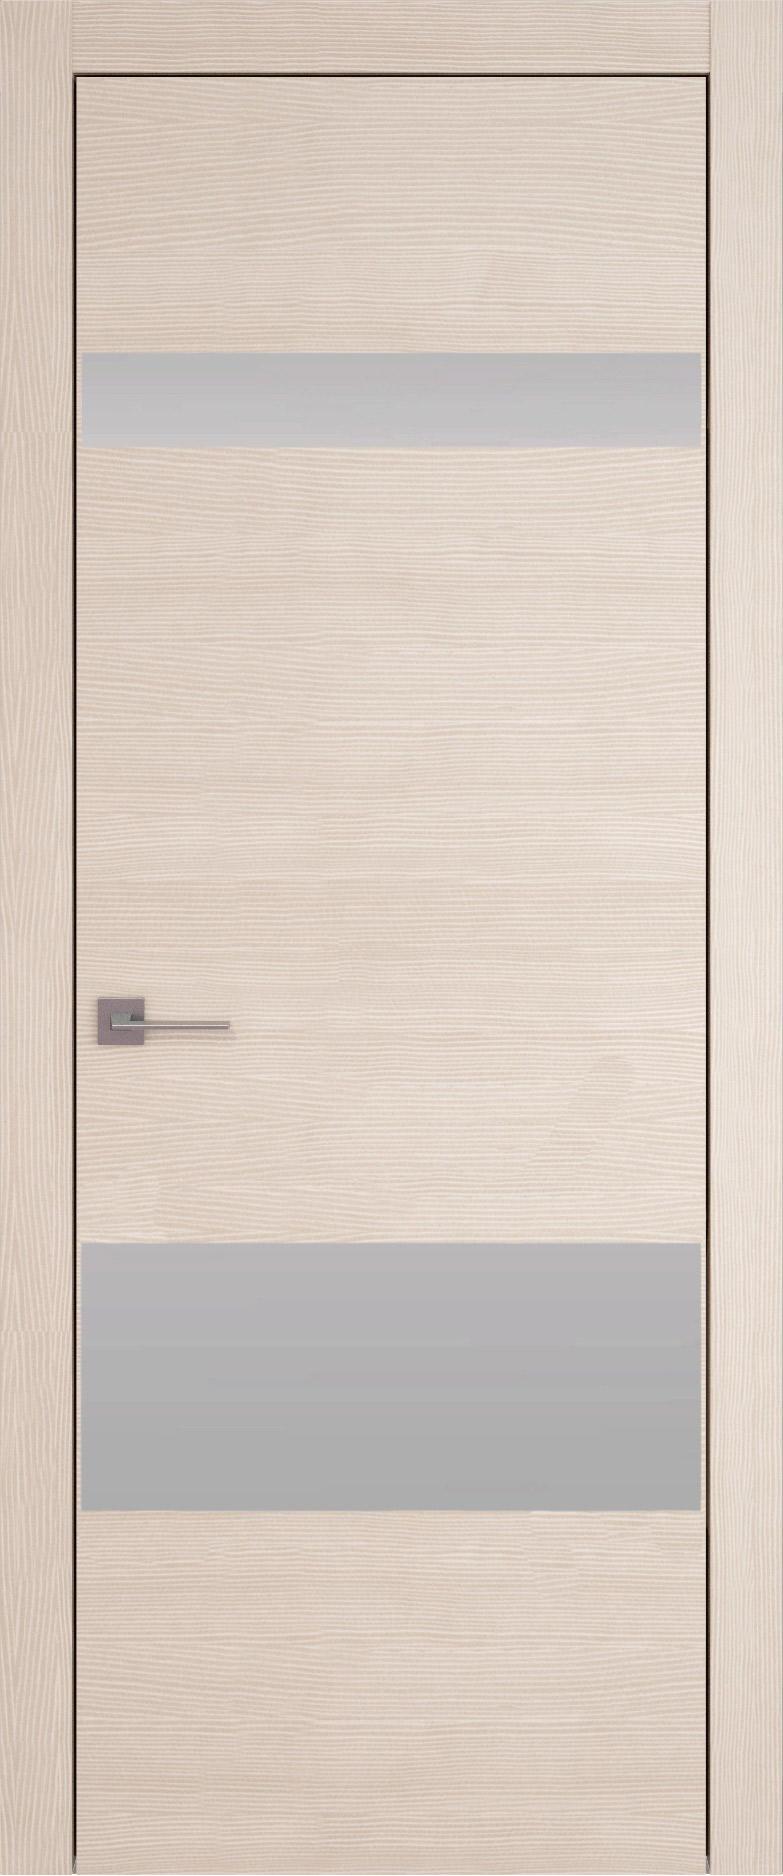 Tivoli К-4 цвет - Беленый дуб Без стекла (ДГ)